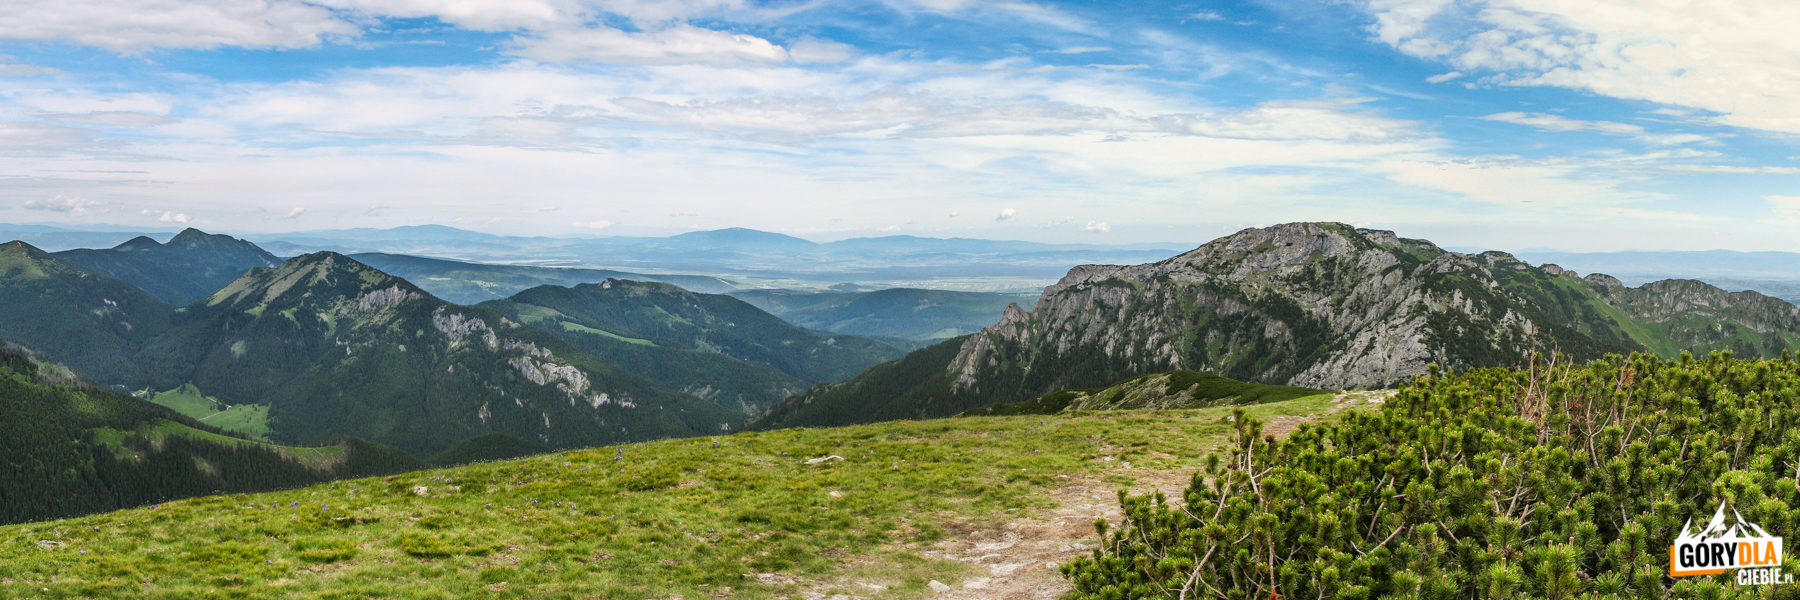 Widok z Suchego Wierchu Ornaczańskiego (1832 m) na Bpbrowiec (1663 m) i Kominarski Wierch (1829 m), na horyzoncie widoczne Pilsko (1557 m) i Babia Góra (1725 m)